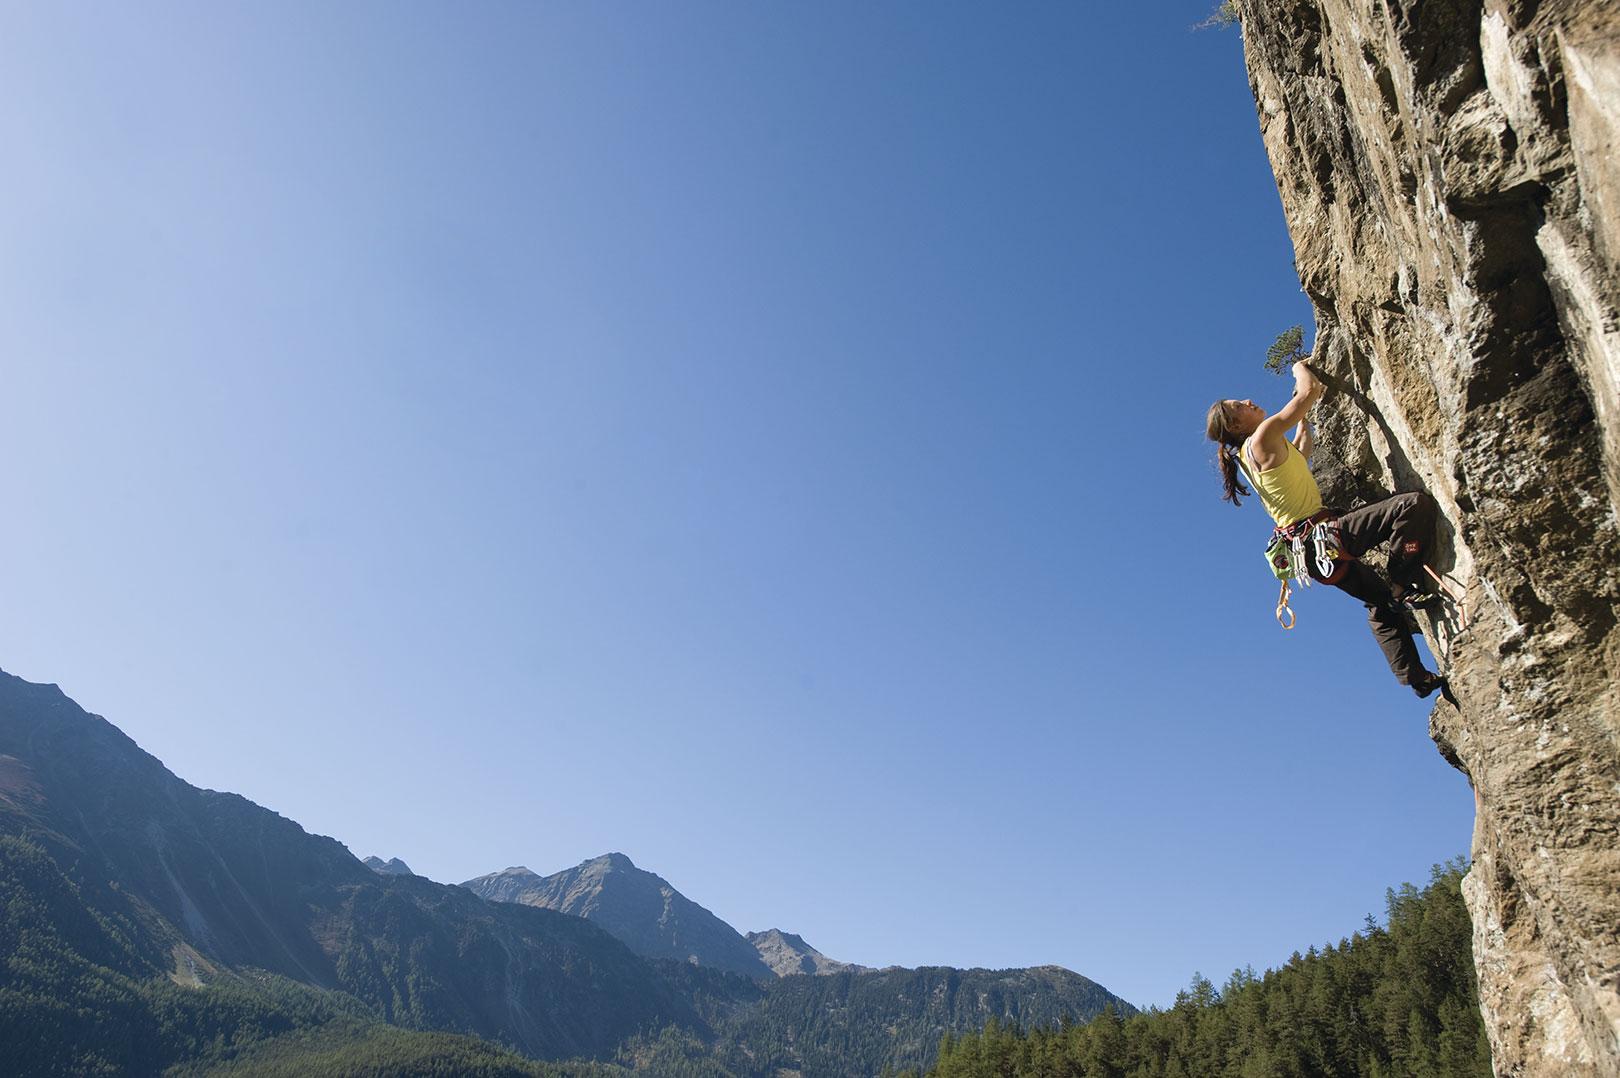 Klettersteig Längenfeld : Kletter steig paradies alpine bergsport und erlebnisschule sölden